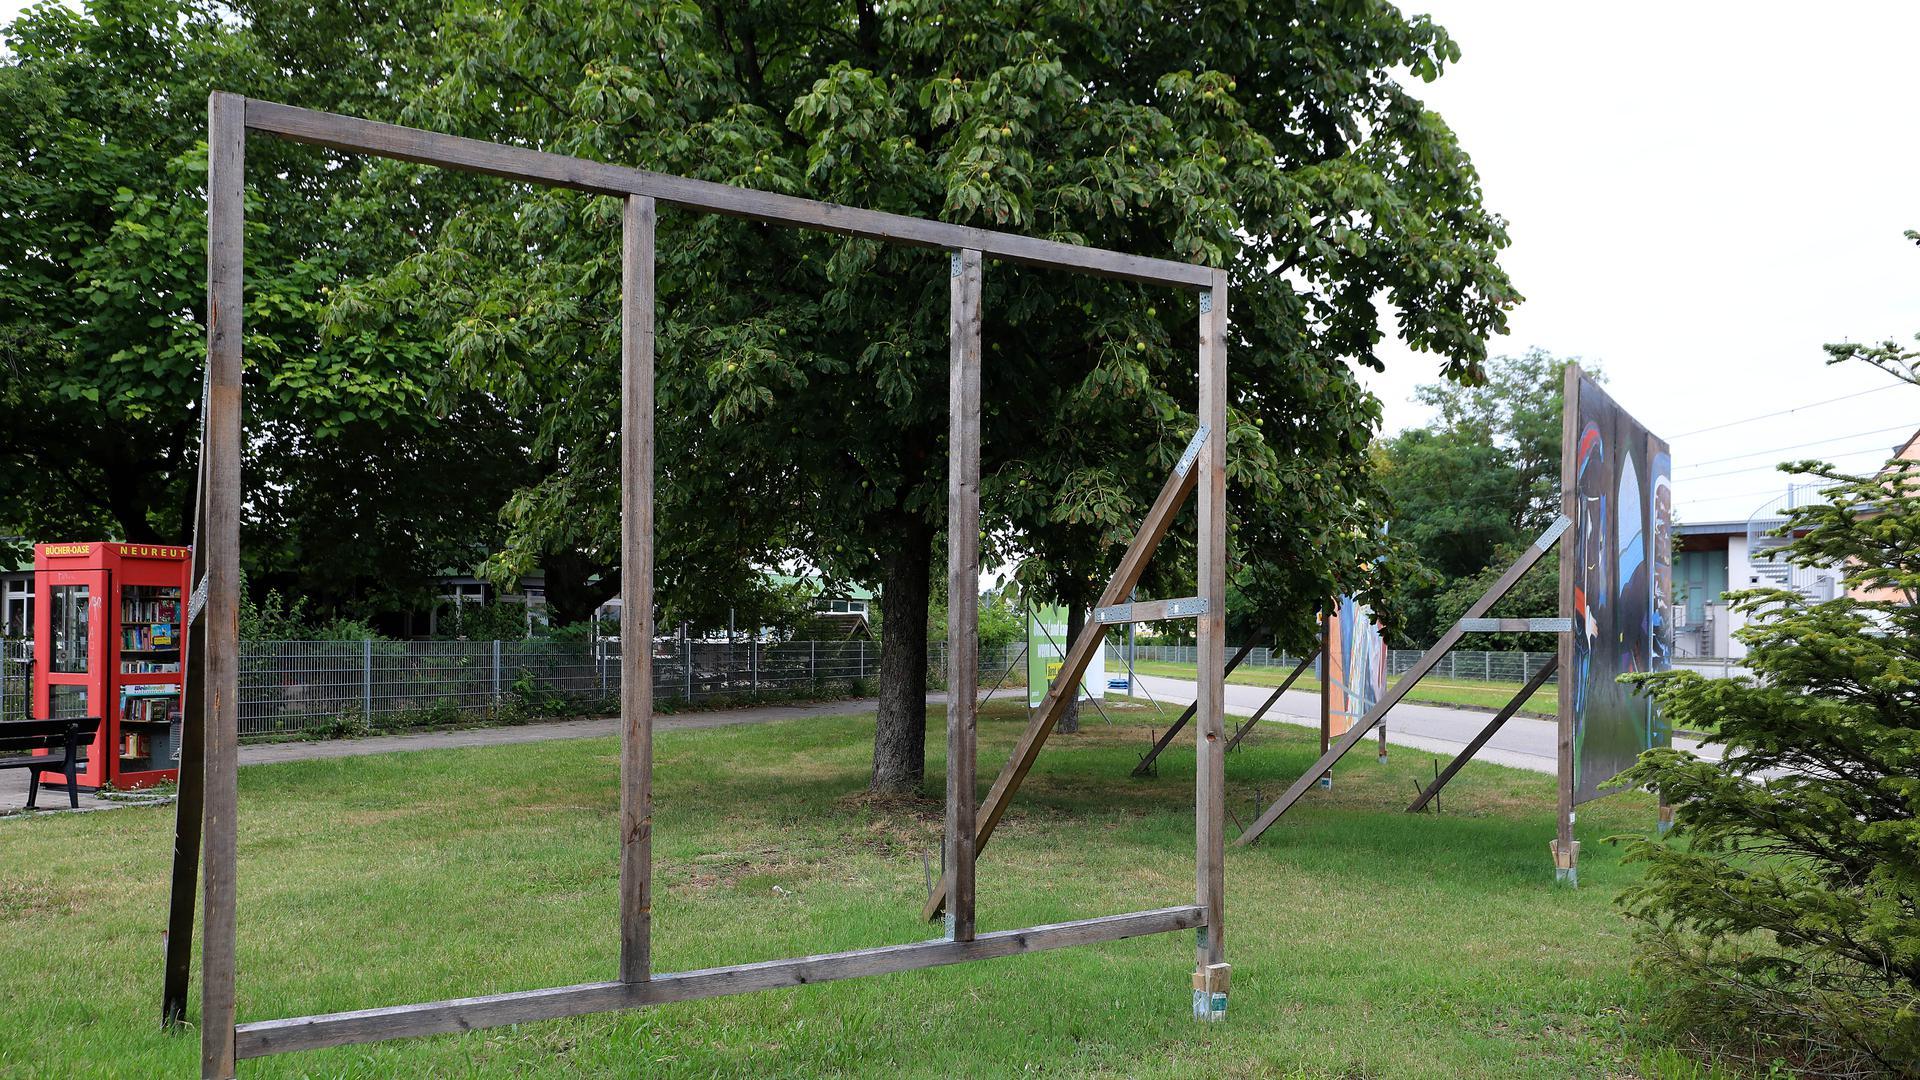 Leerer Rahmen: Das beschädigte Greta-Thunberg-Porträt in der Karlsruher Nordstadt wurde schnell abgehängt.